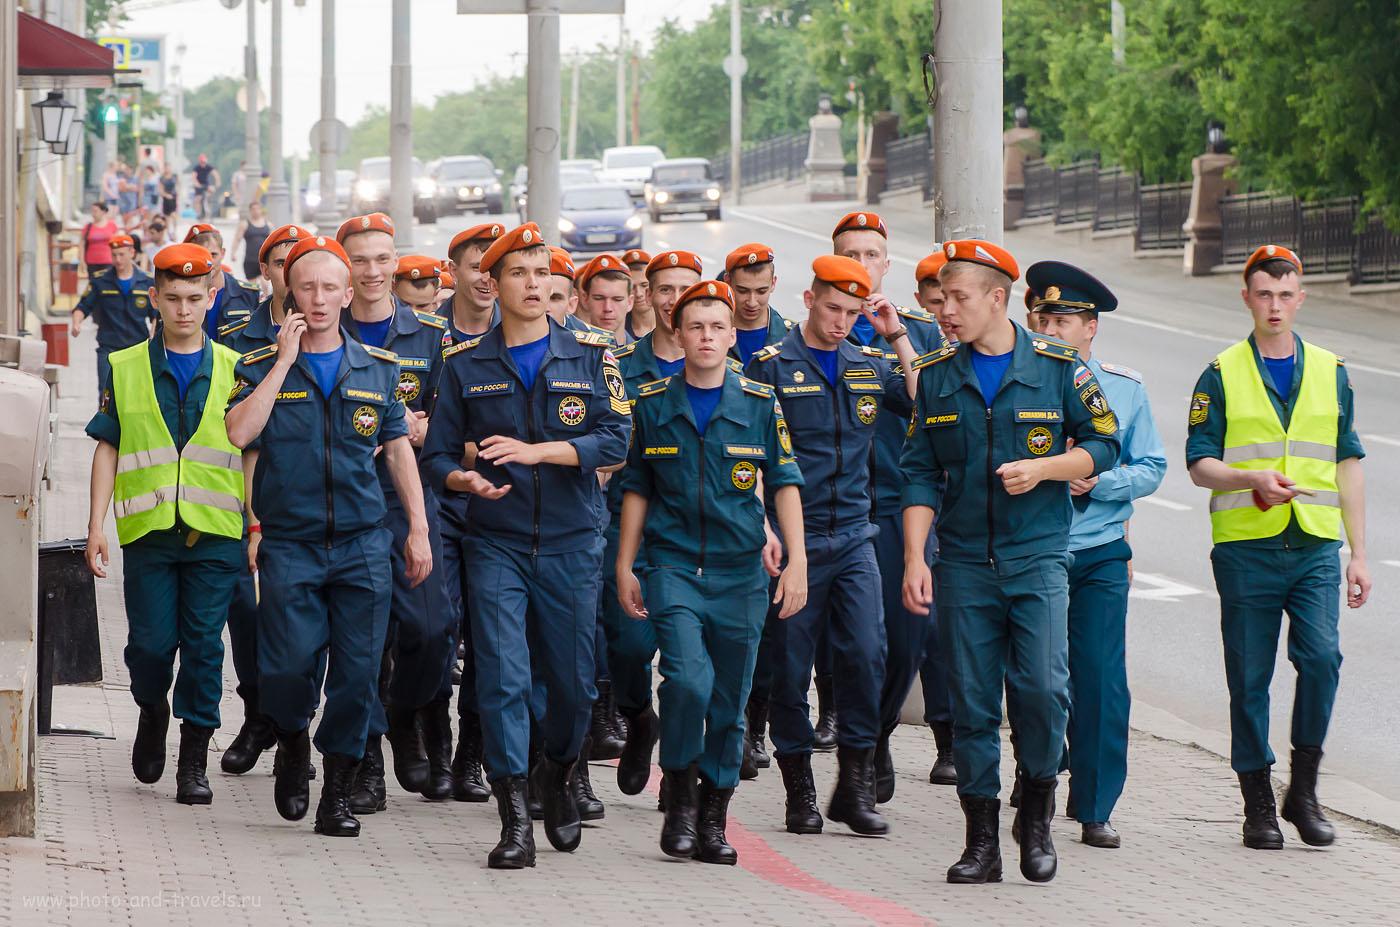 Фотография 20. Как фотографирует зеркальный фотоаппарат Nikon D5100 с телеобъективом Nikon 70-300. Идут солдаты по улице... (1000, 125, 6.3, 1/80)